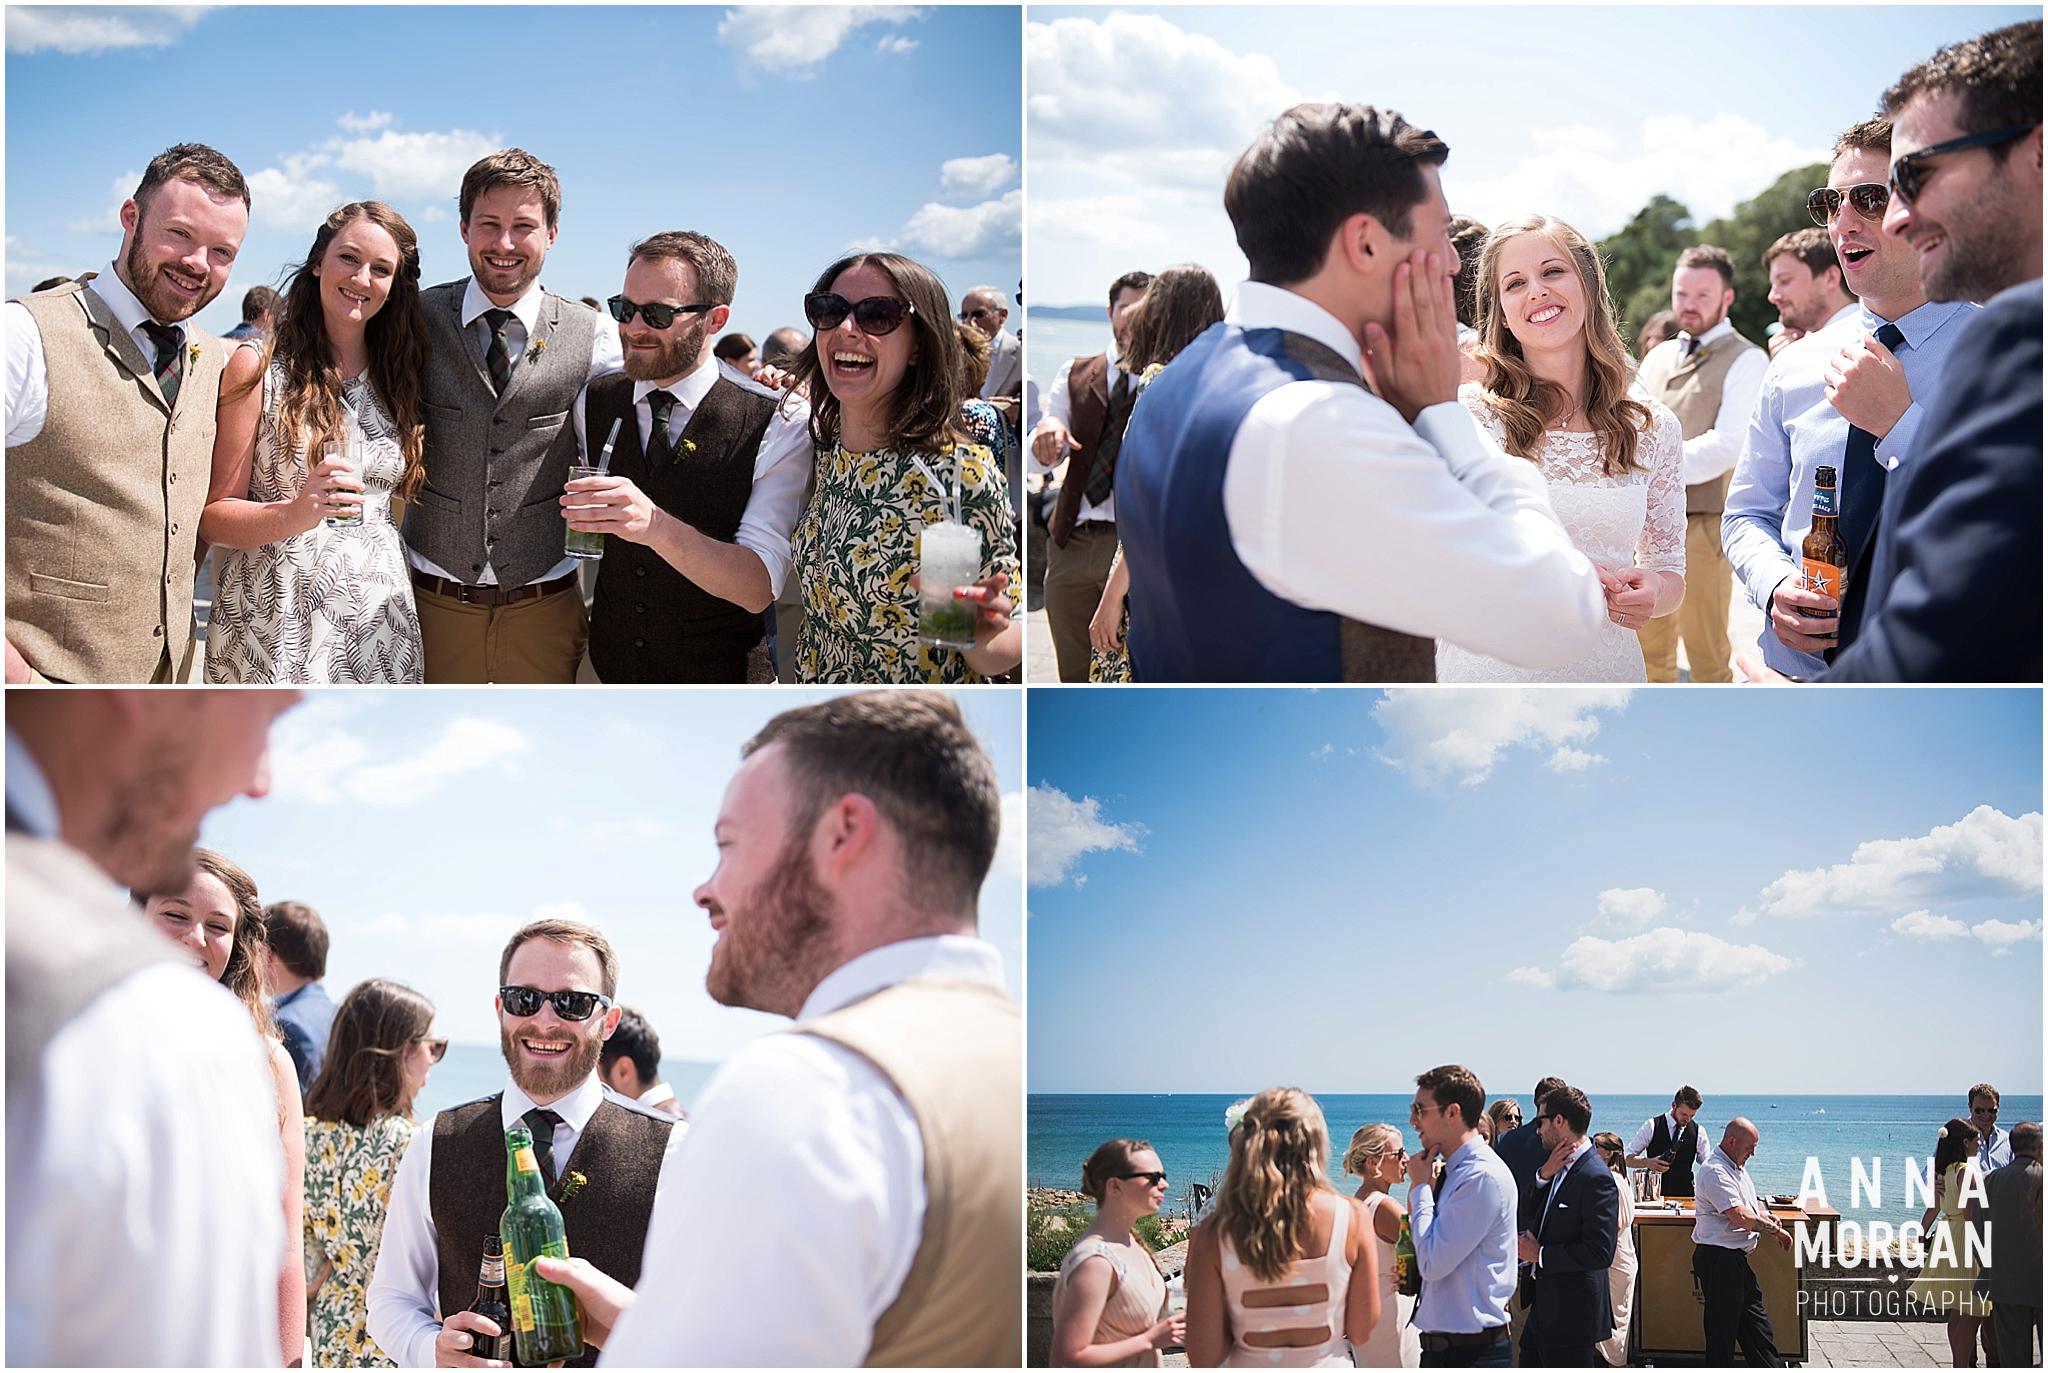 Katie & Hugh Branksome Chine beach wedding Dorset-79